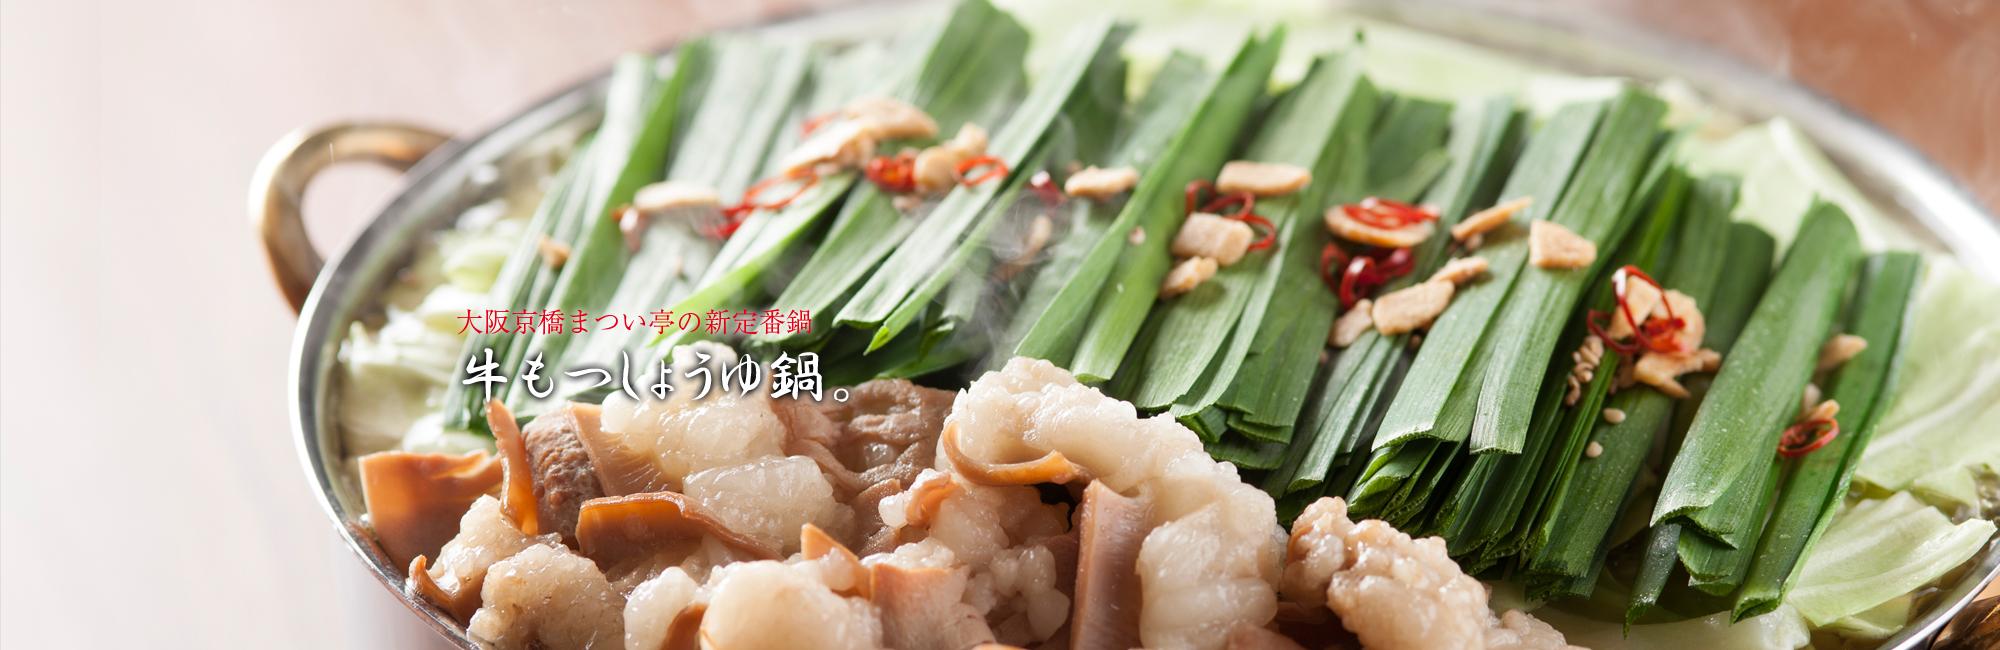 大阪京橋まつい亭の新定番鍋 牛もつしょうゆ鍋